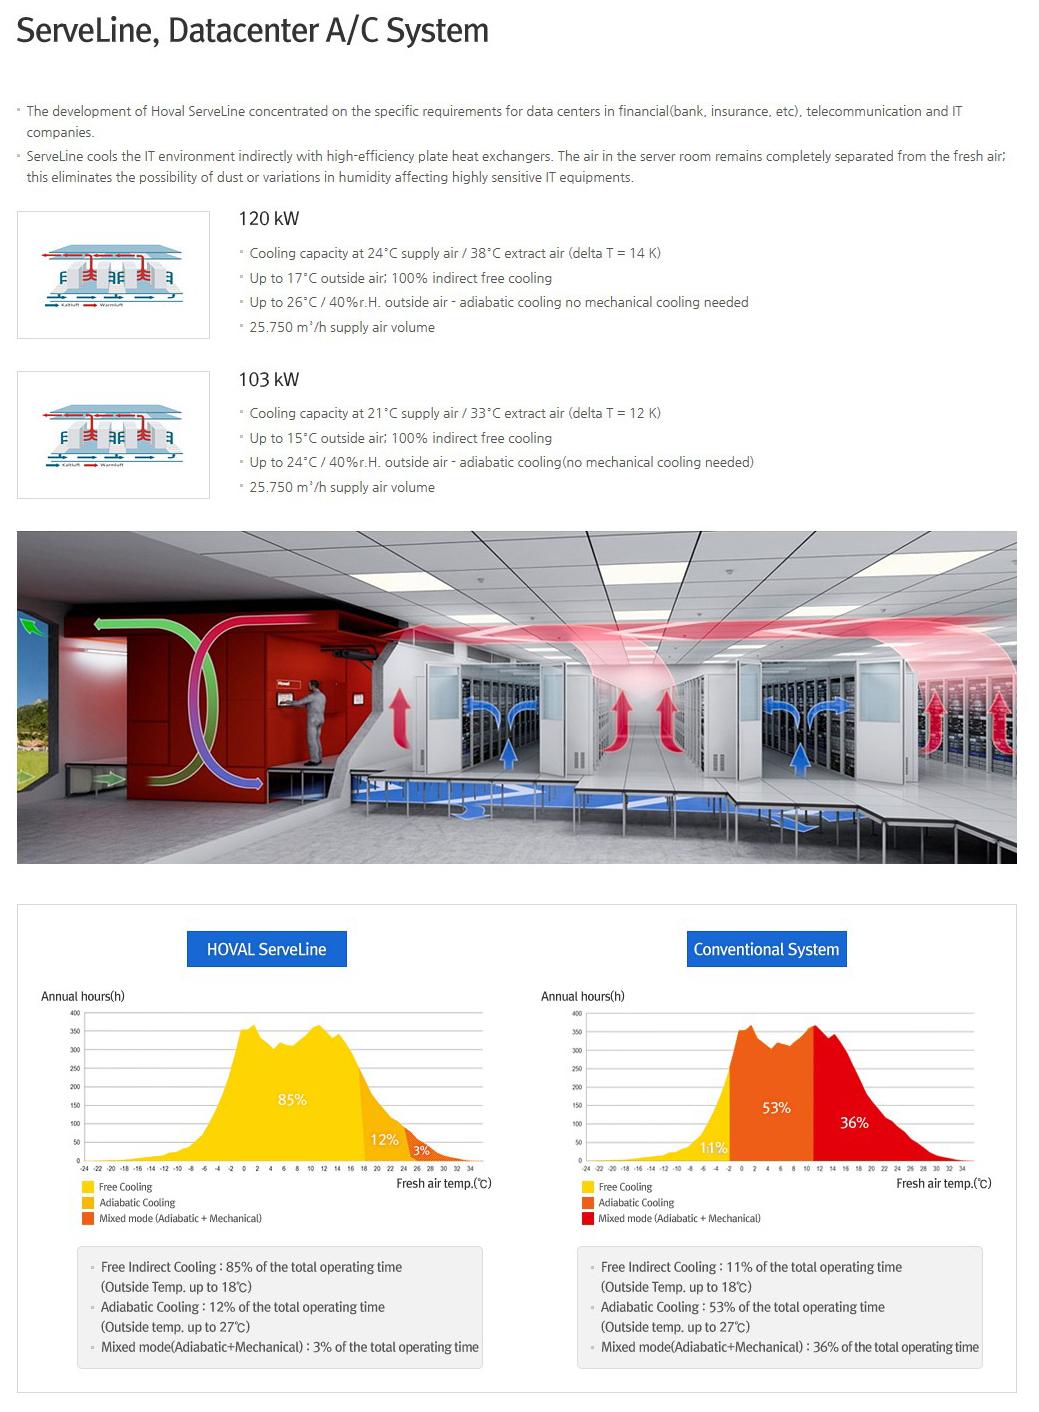 KTE ServeLine, Datacenter A/C System